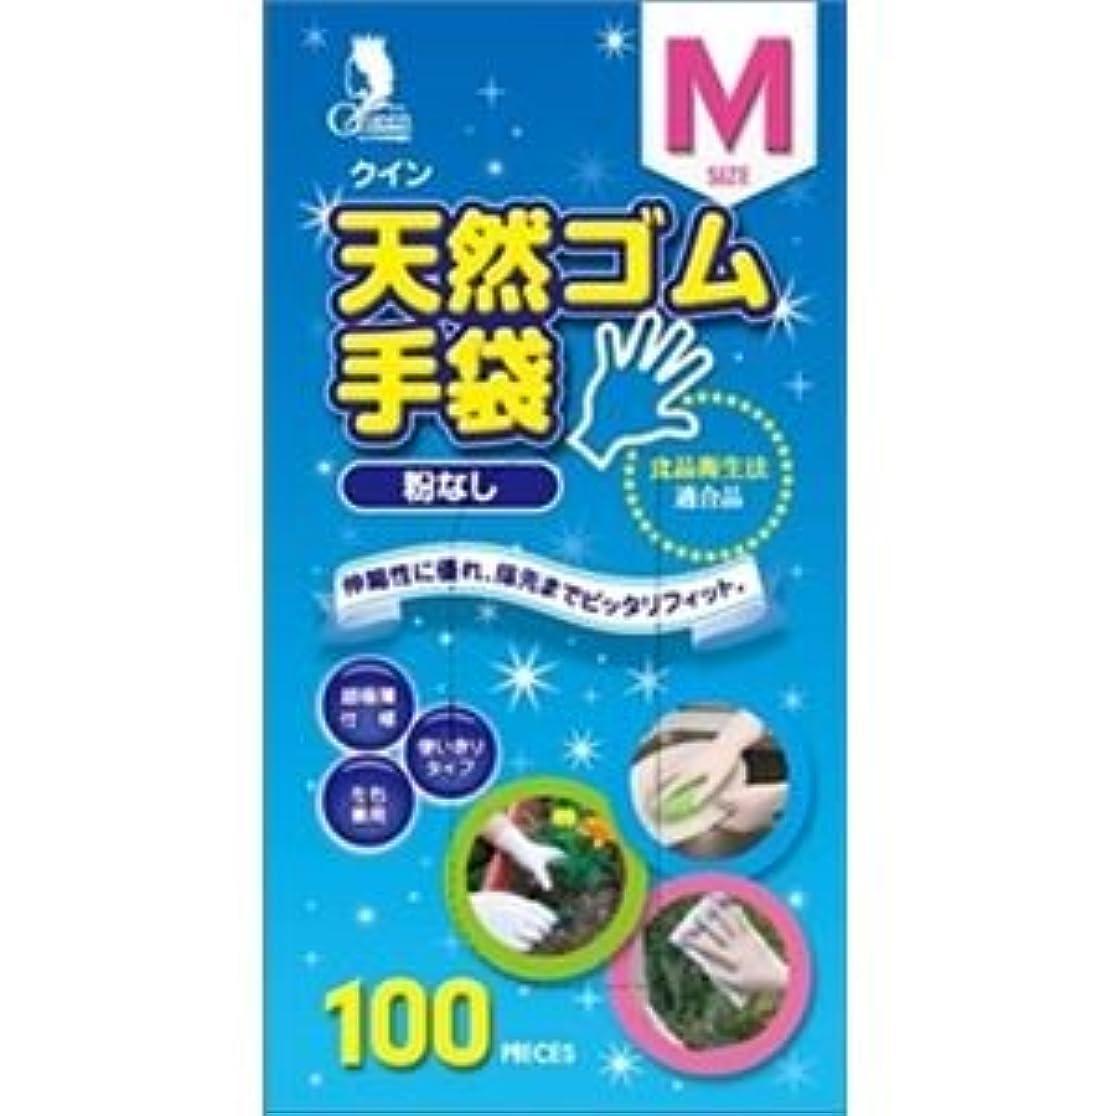 エコー町陰気(まとめ)宇都宮製作 クイン天然ゴム手袋 M 100枚入 (N) 【×3点セット】